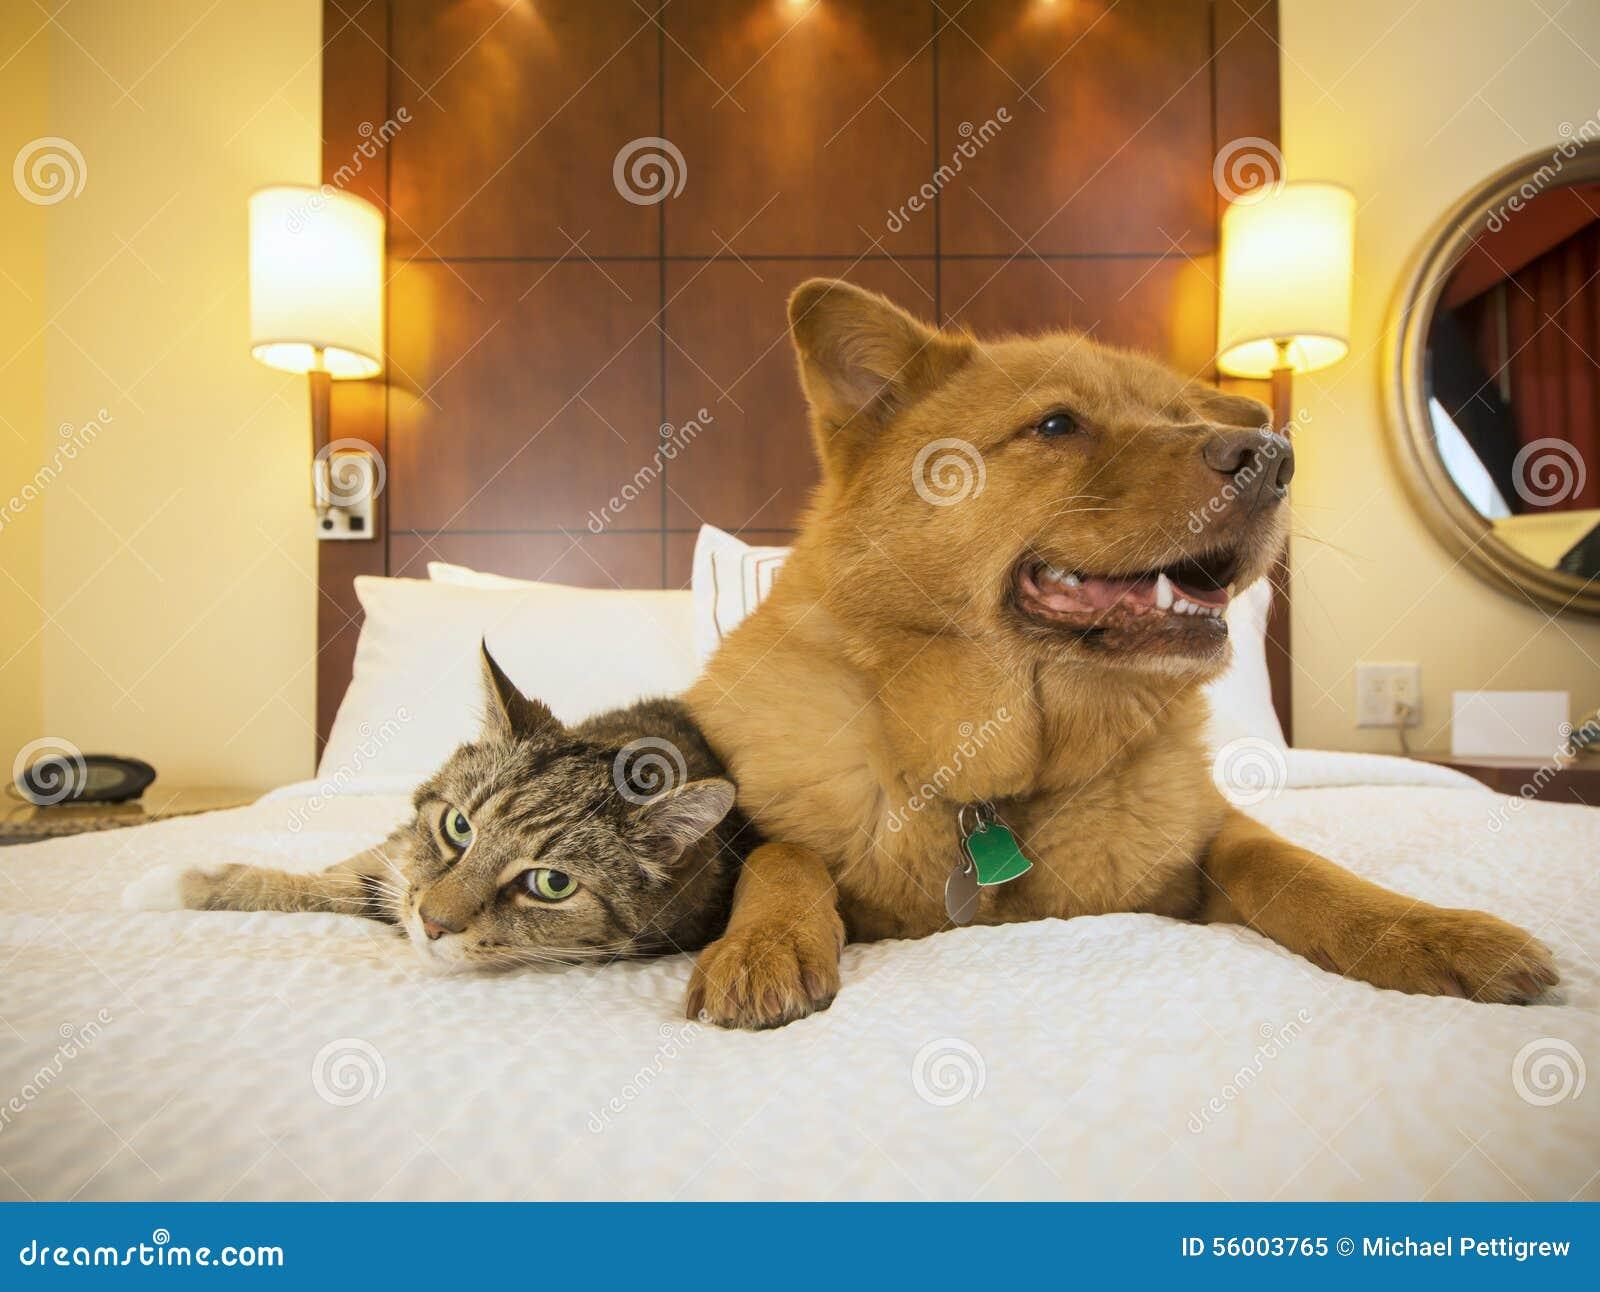 Gatto e cane insieme nella camera da letto dell 39 hotel for Cane nella cabina dell aereo